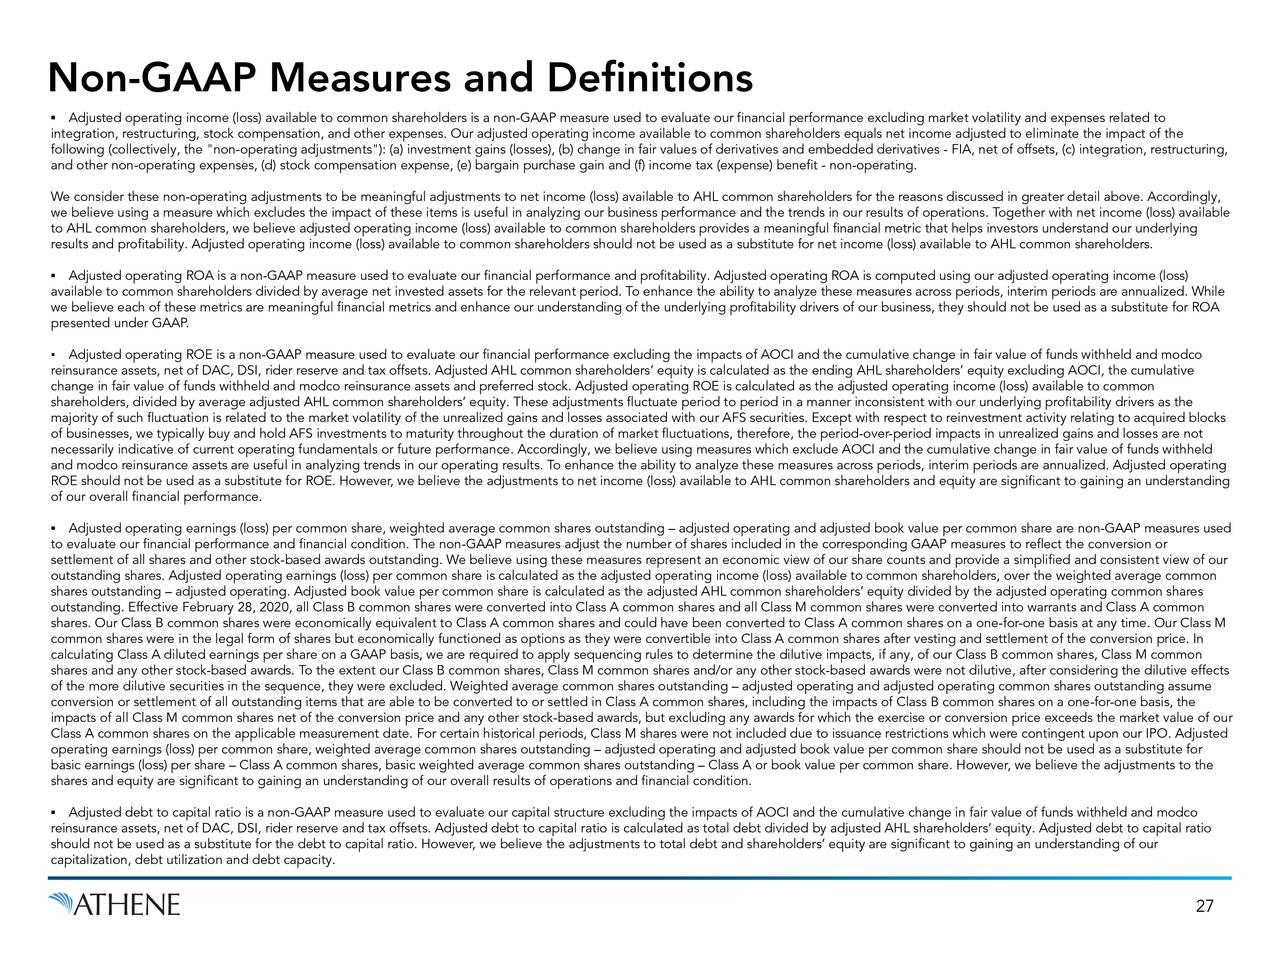 Medidas y definiciones que no son PCGA